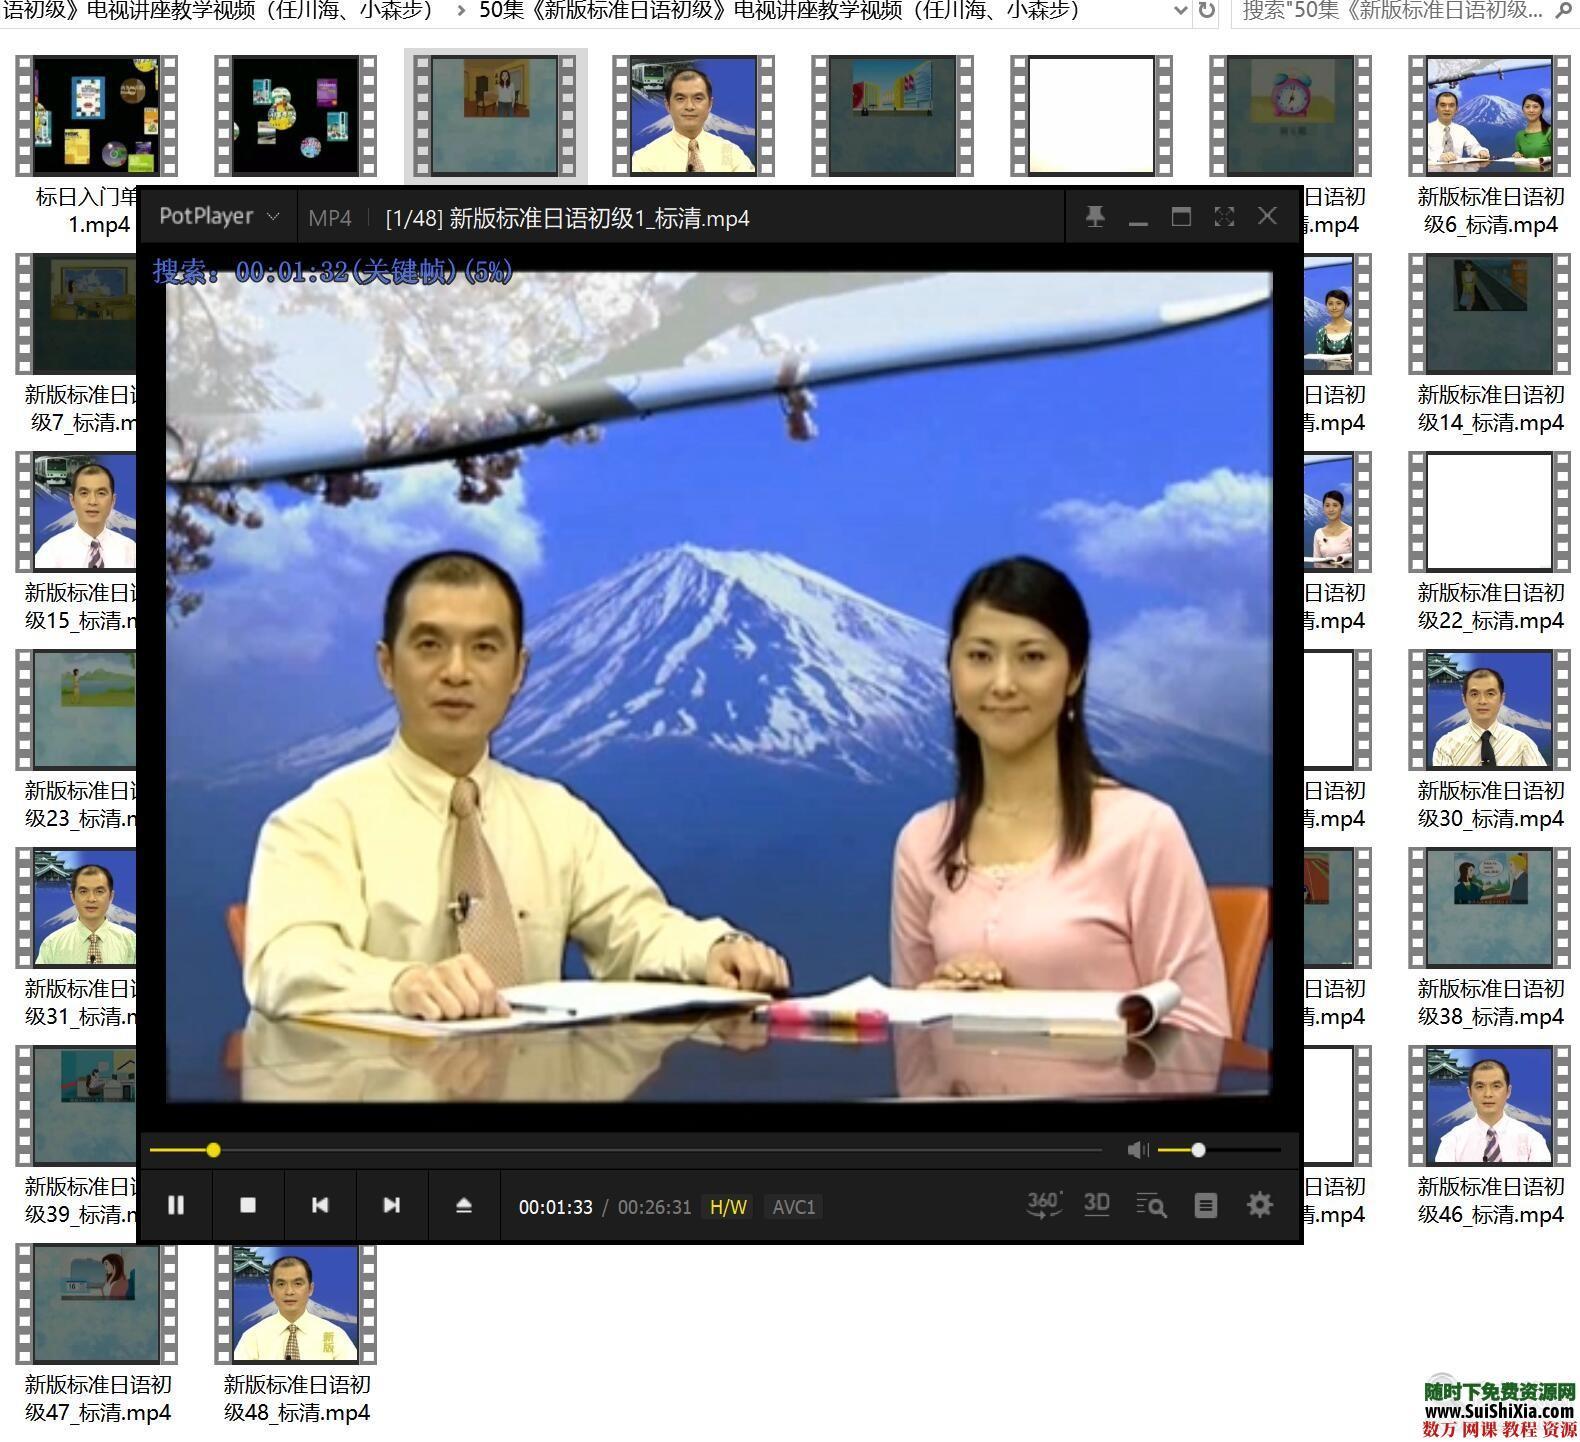 50集《新版标准日语初级》电视讲座教学视频(任川海、小森步) 第2张